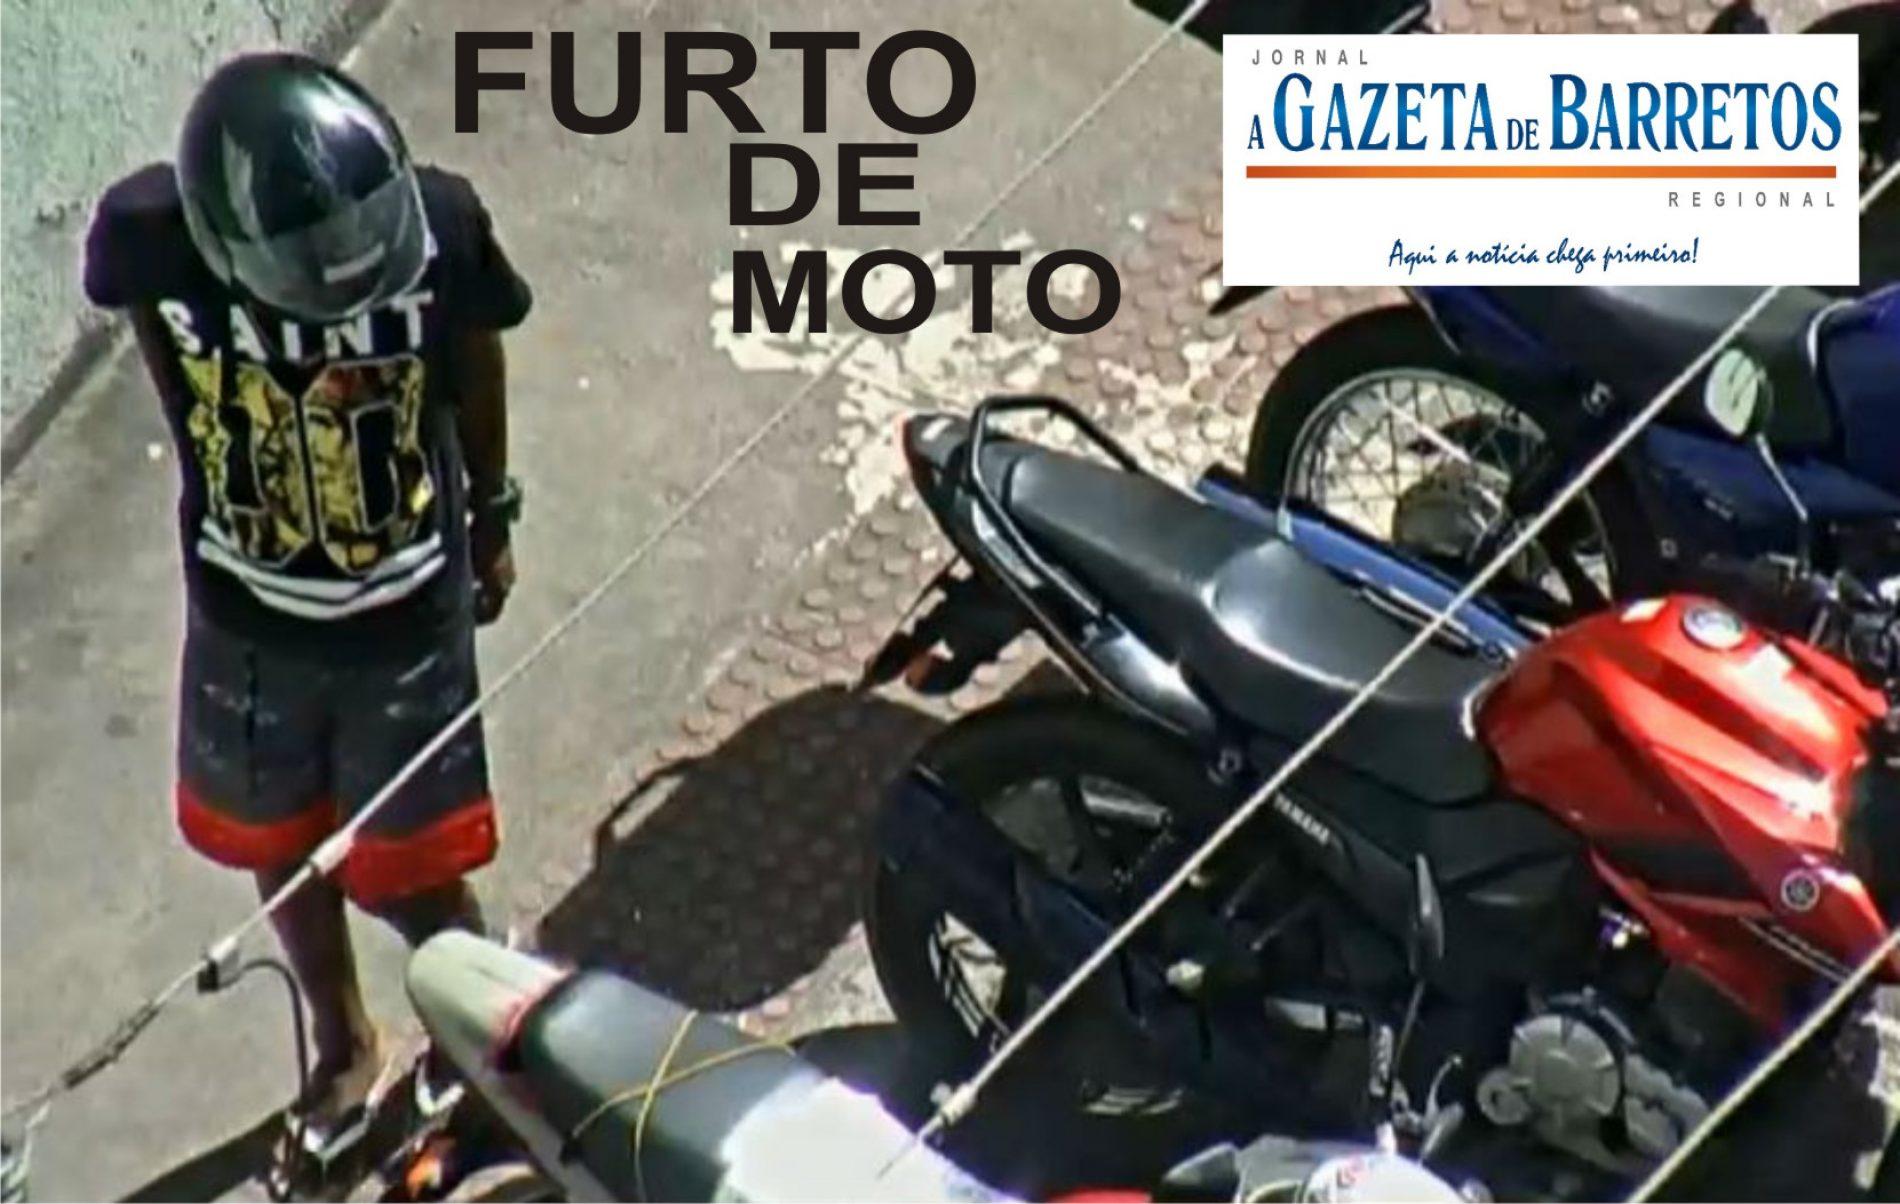 Furto de motocicleta no centro da cidade